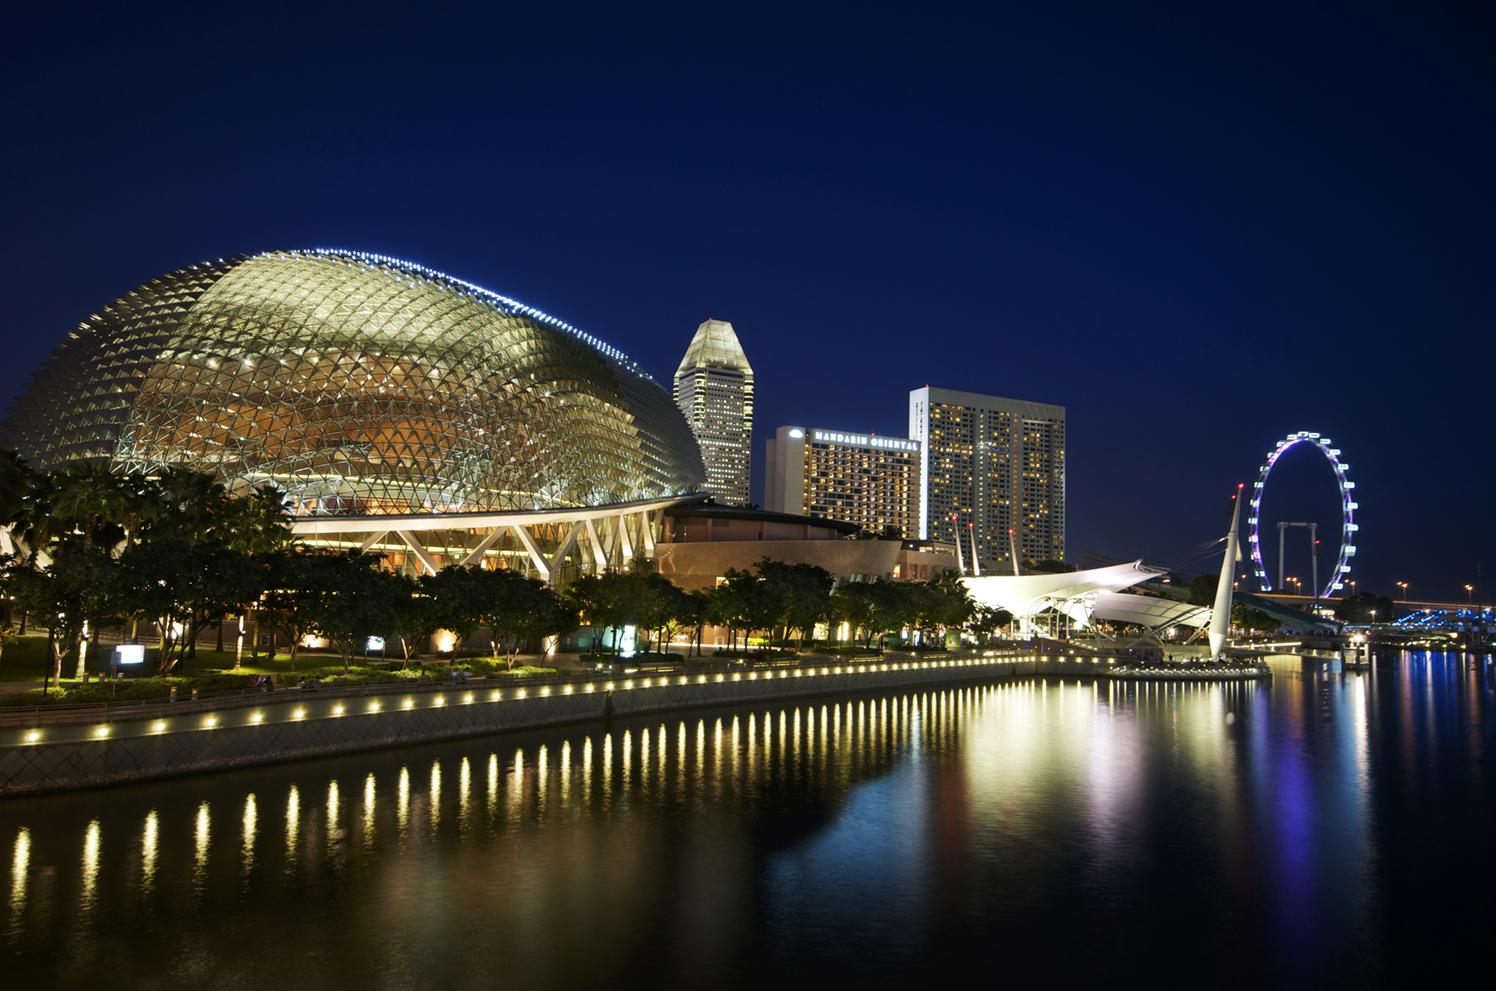 esplanada-teatros-en-la-bahia-singapur_0e5e727c